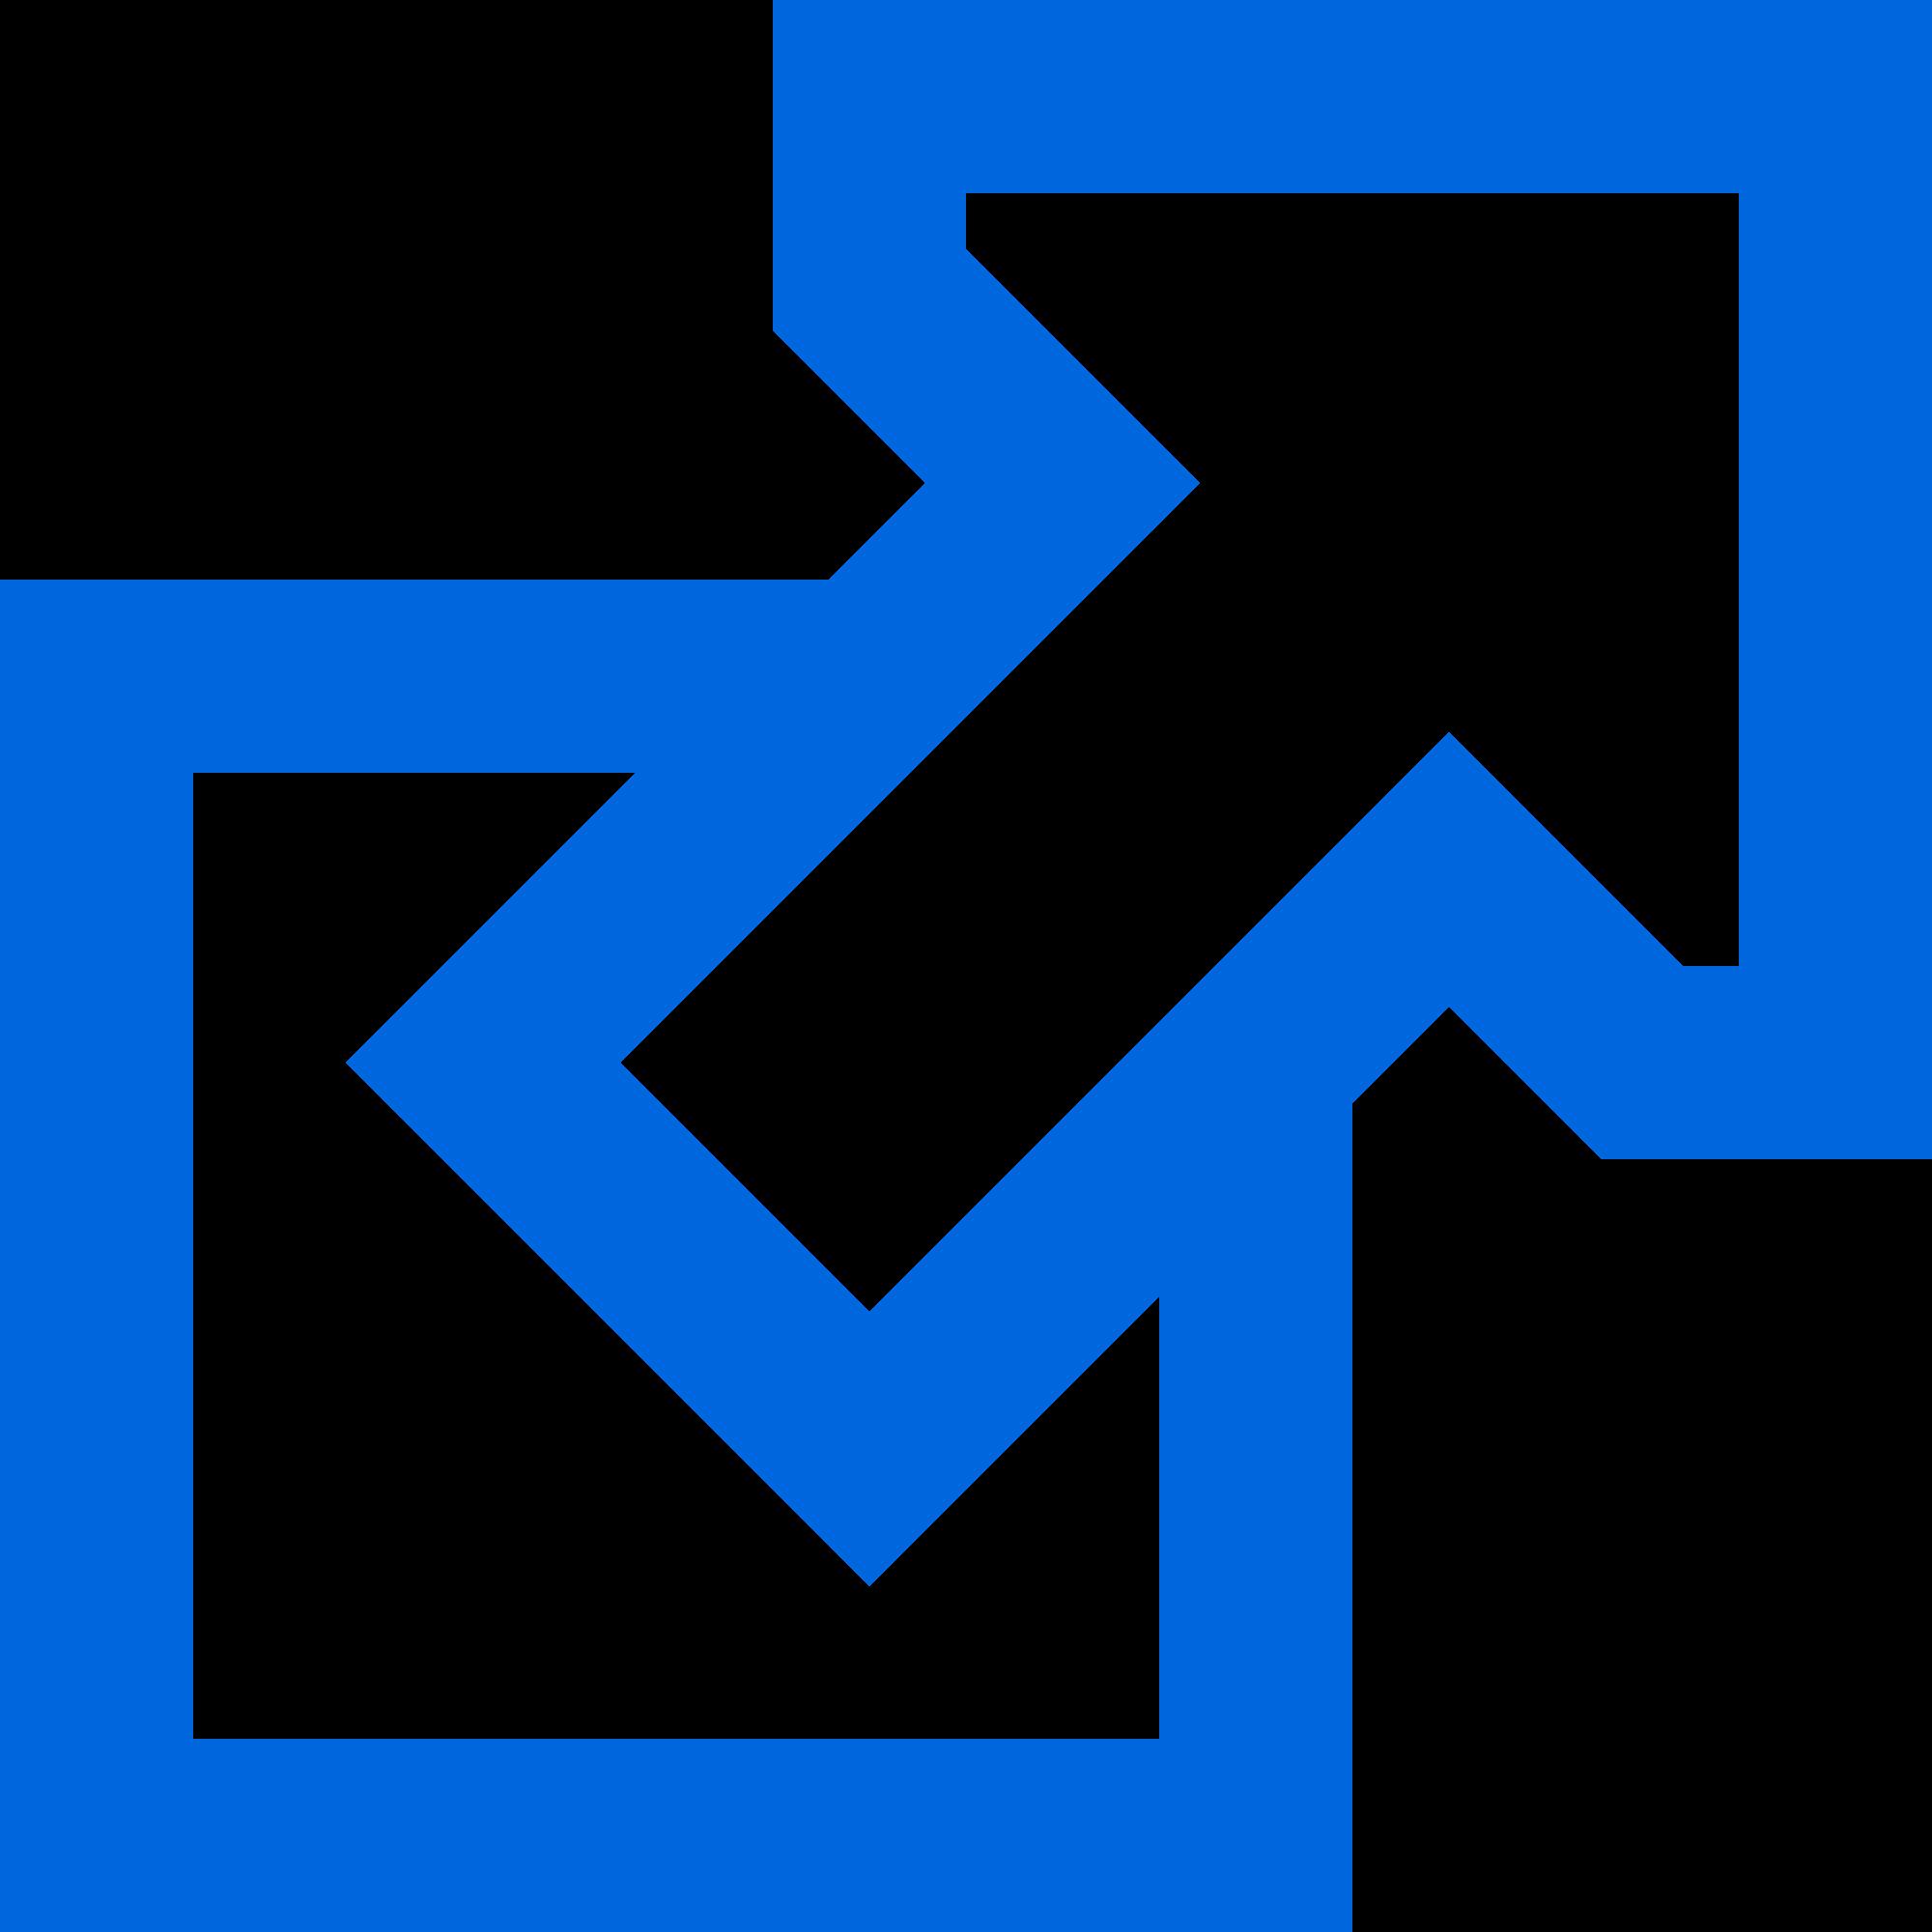 External Link Clipart.